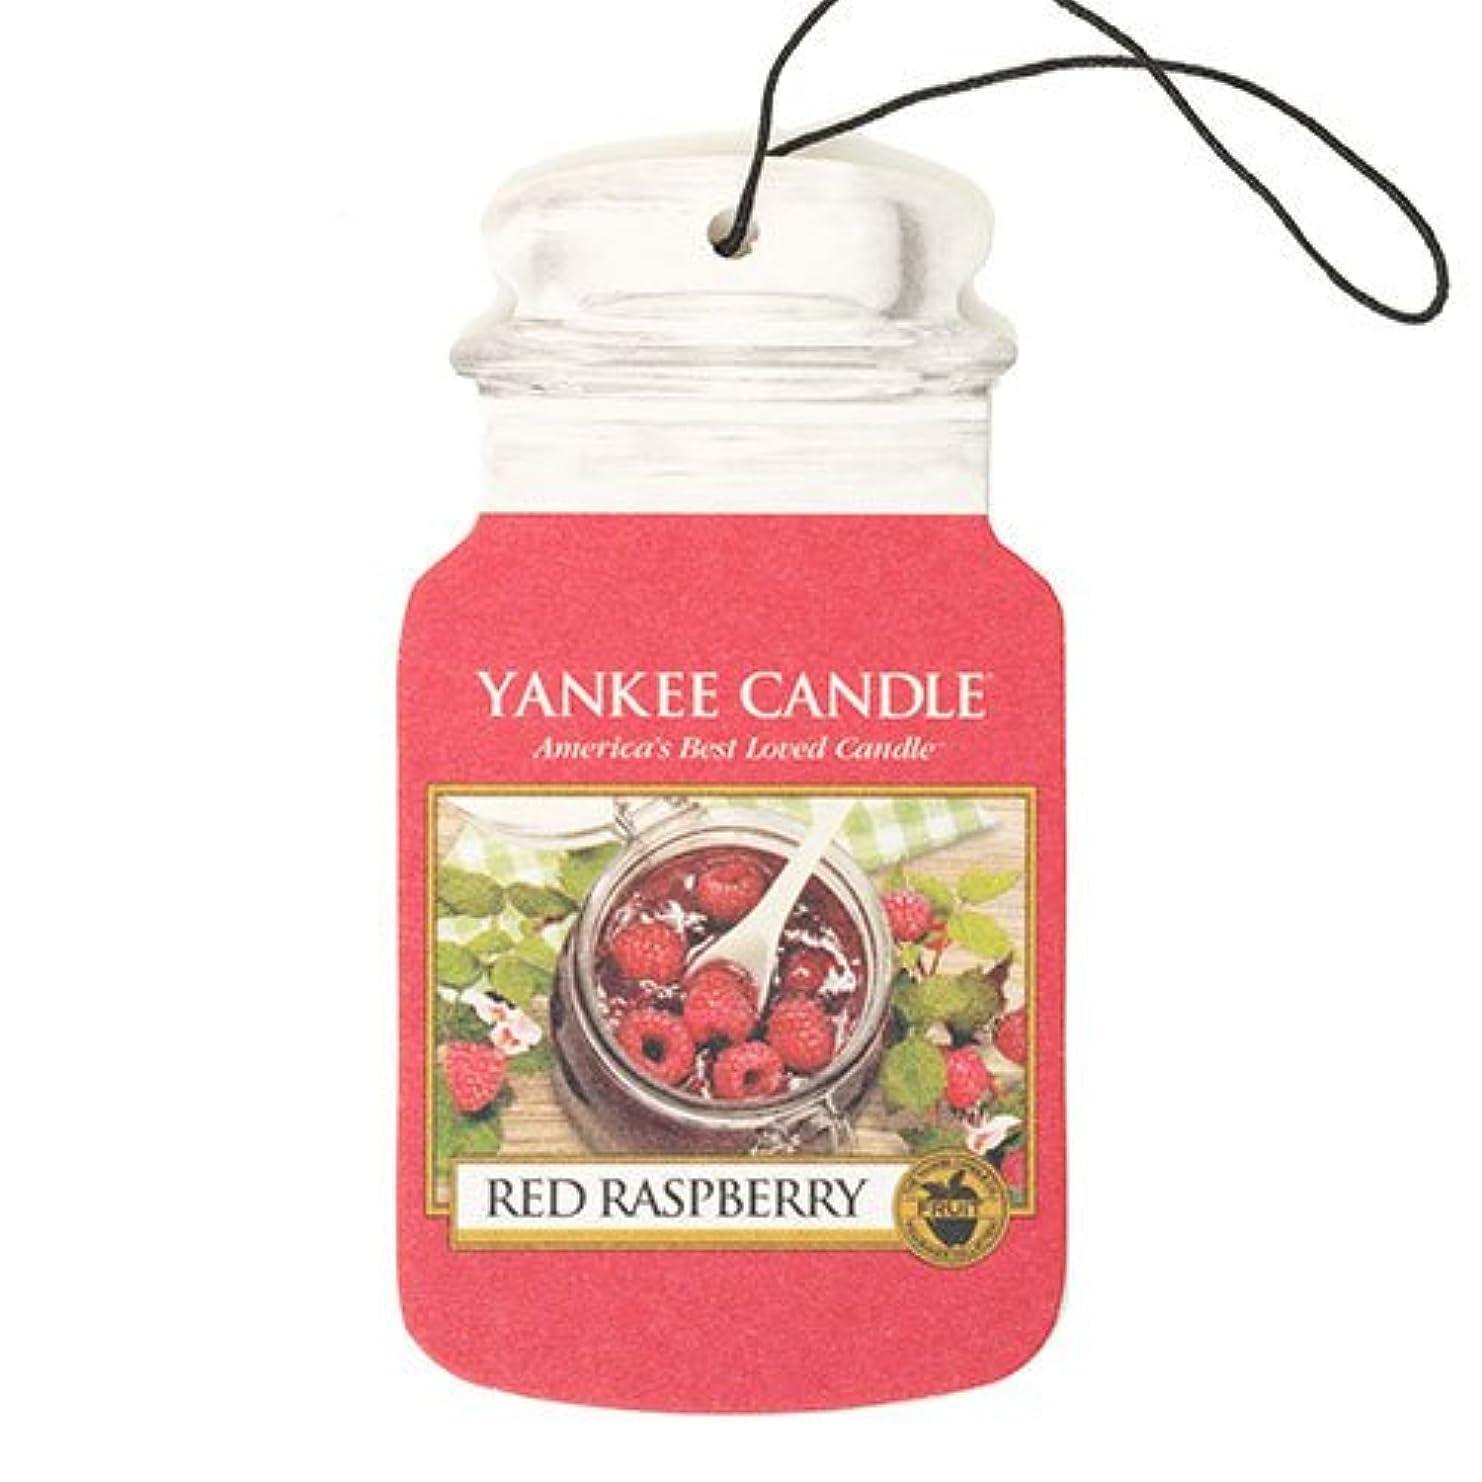 承認フレームワークインデックスYankee Candleレッドラズベリーティーライトキャンドル、フルーツ香り Car Jar Single Packs 1327008-YC